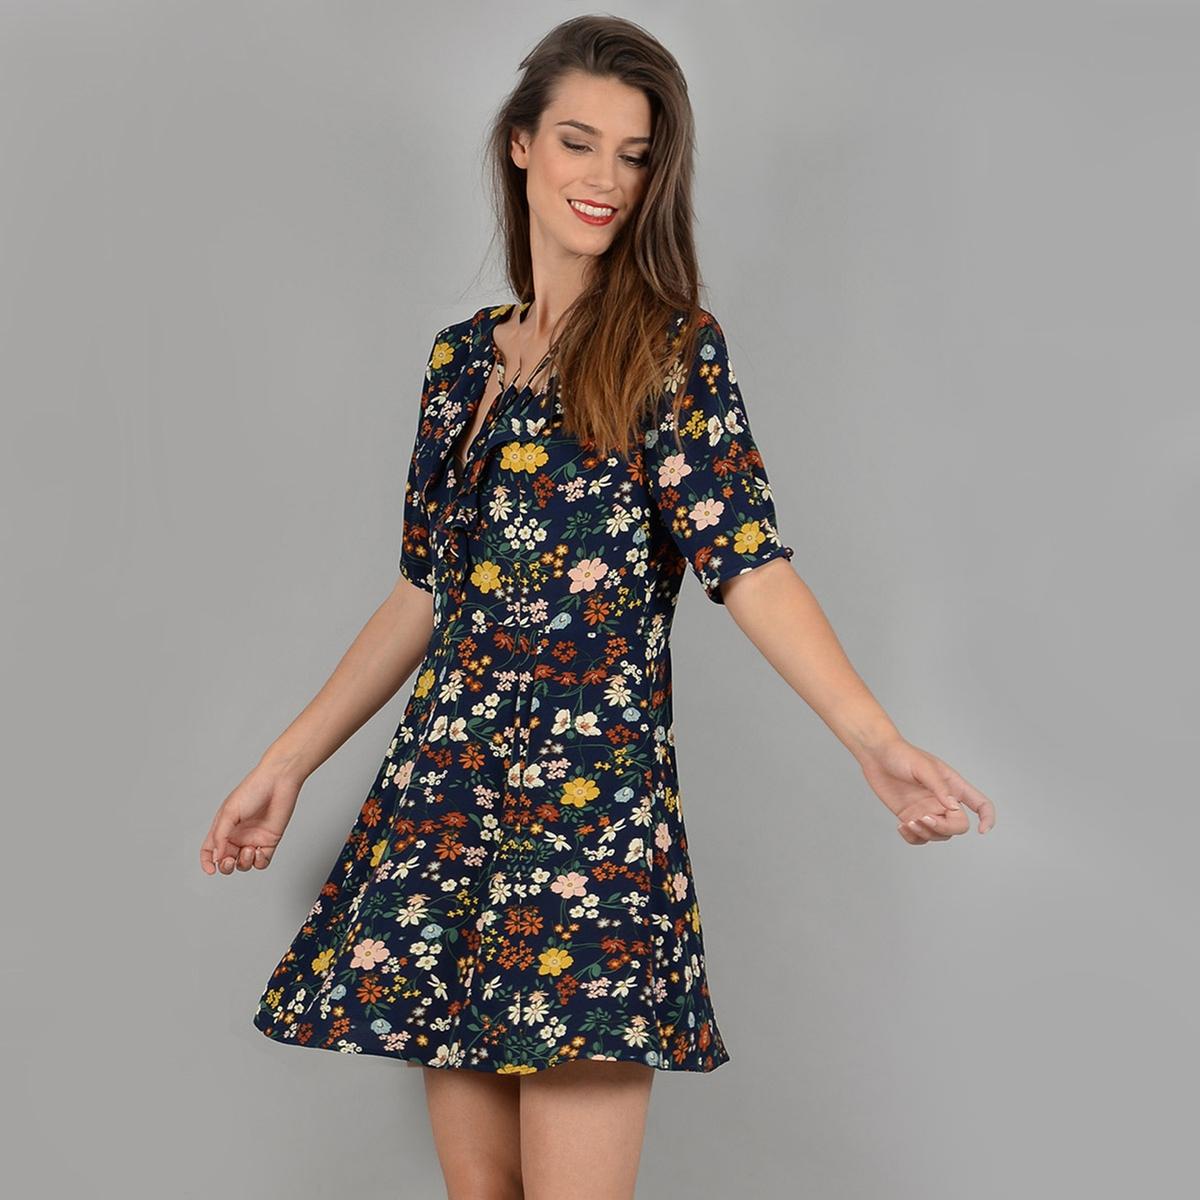 Платье расклешенное короткого покроя с рисункомДетали •  Форма : расклешенная •  Укороченная модель •  Короткие рукава    •   V-образный вырез •  Рисунок-принтСостав и уход •  100% полиэстер •  Следуйте рекомендациям по уходу, указанным на этикетке изделия<br><br>Цвет: темно-синий/цветочный рисунок<br>Размер: L